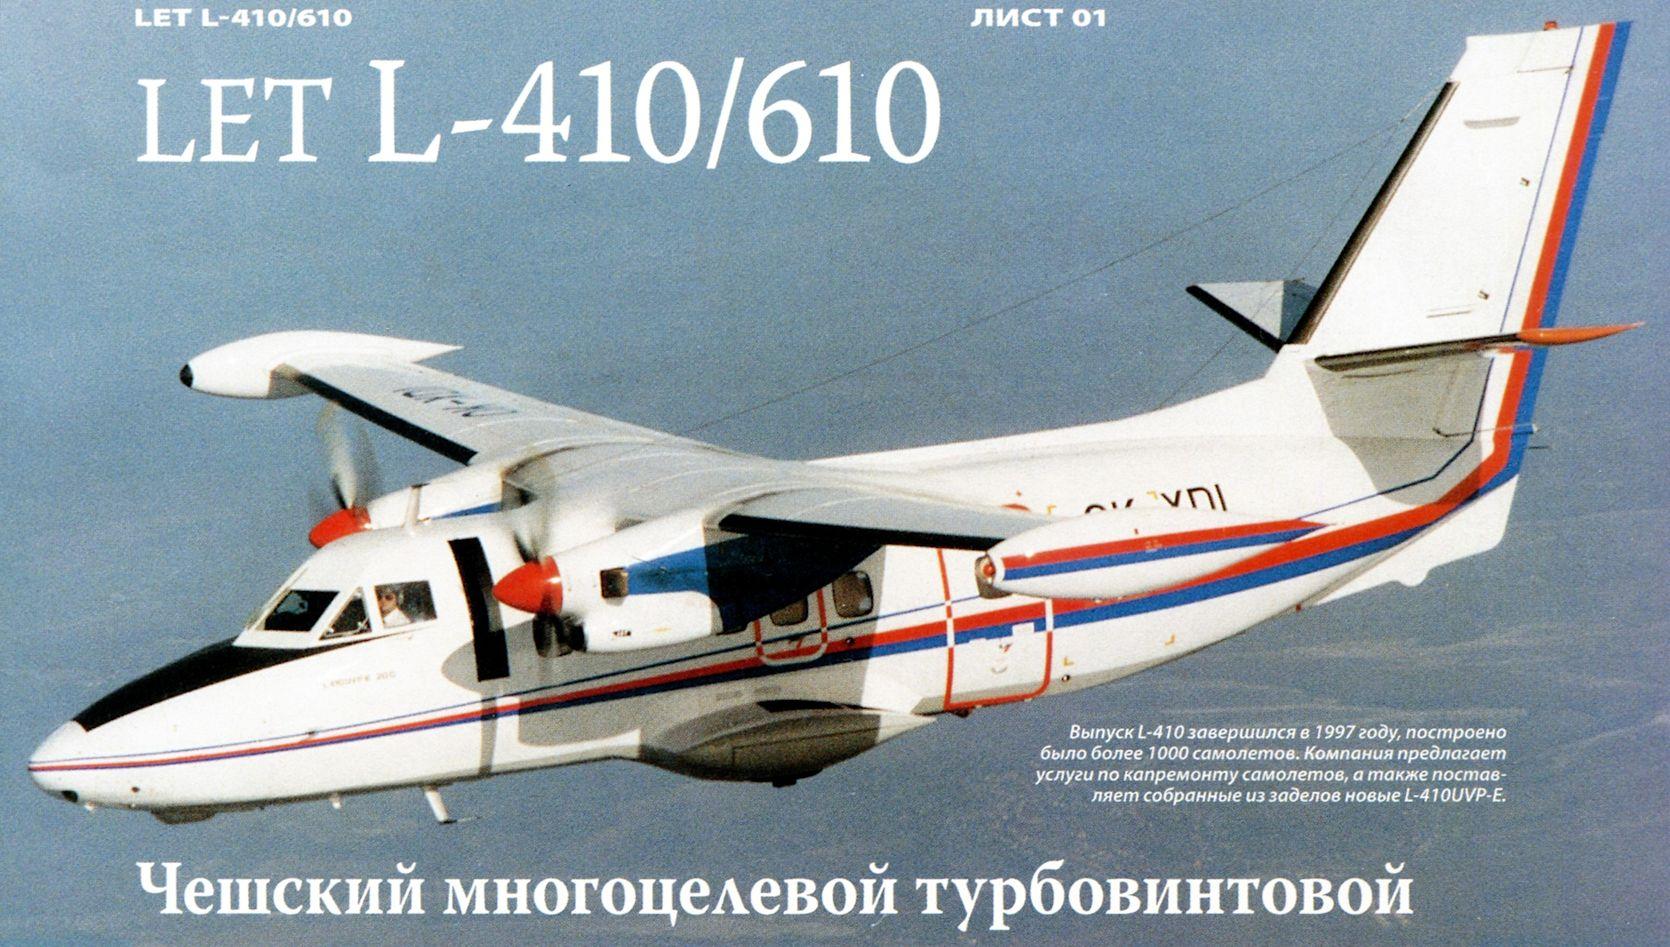 Let 410 flight Manual